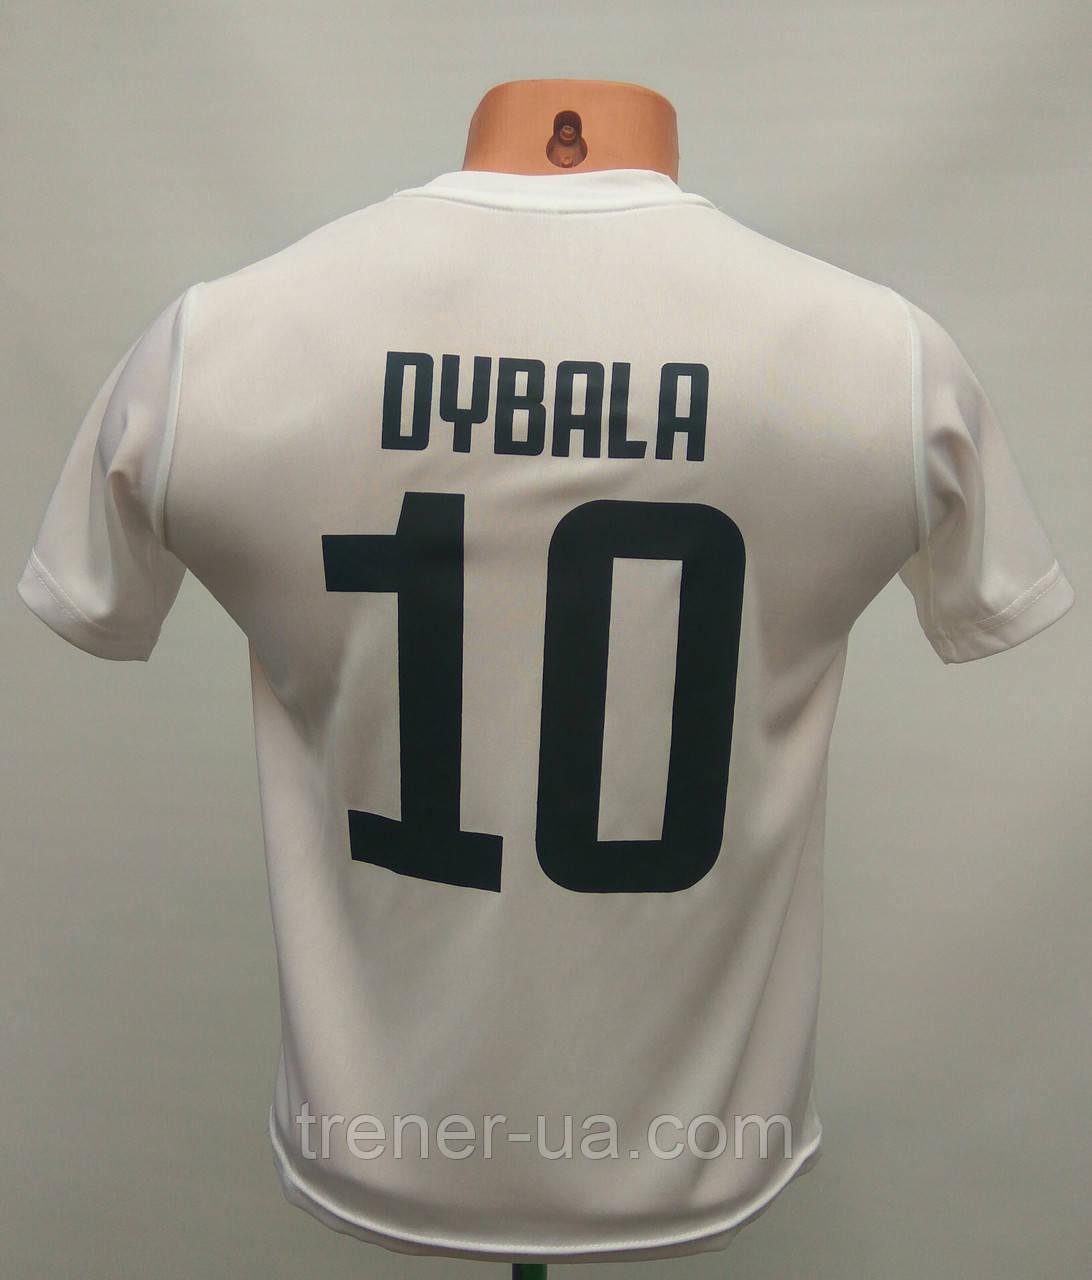 Распродажа футбольной формы детской Juventus Dybala 2019